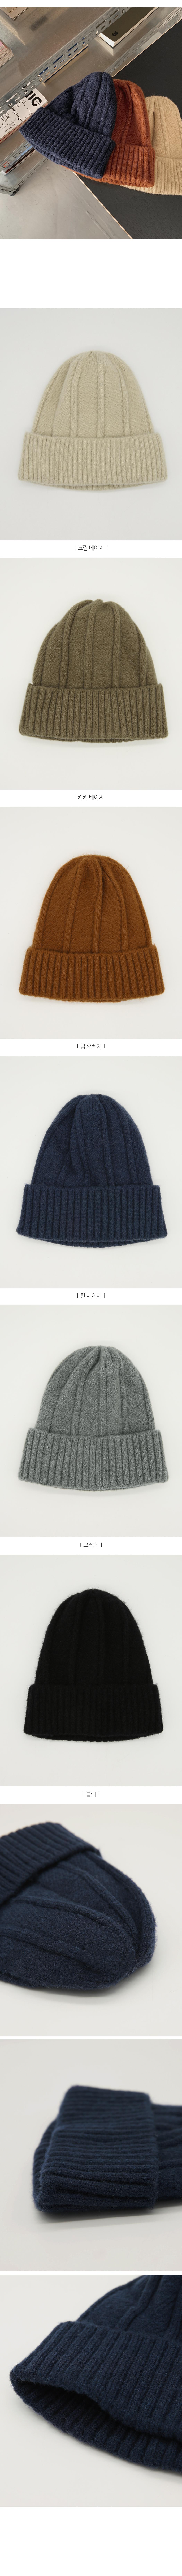 Basic Wool Knit Beanie